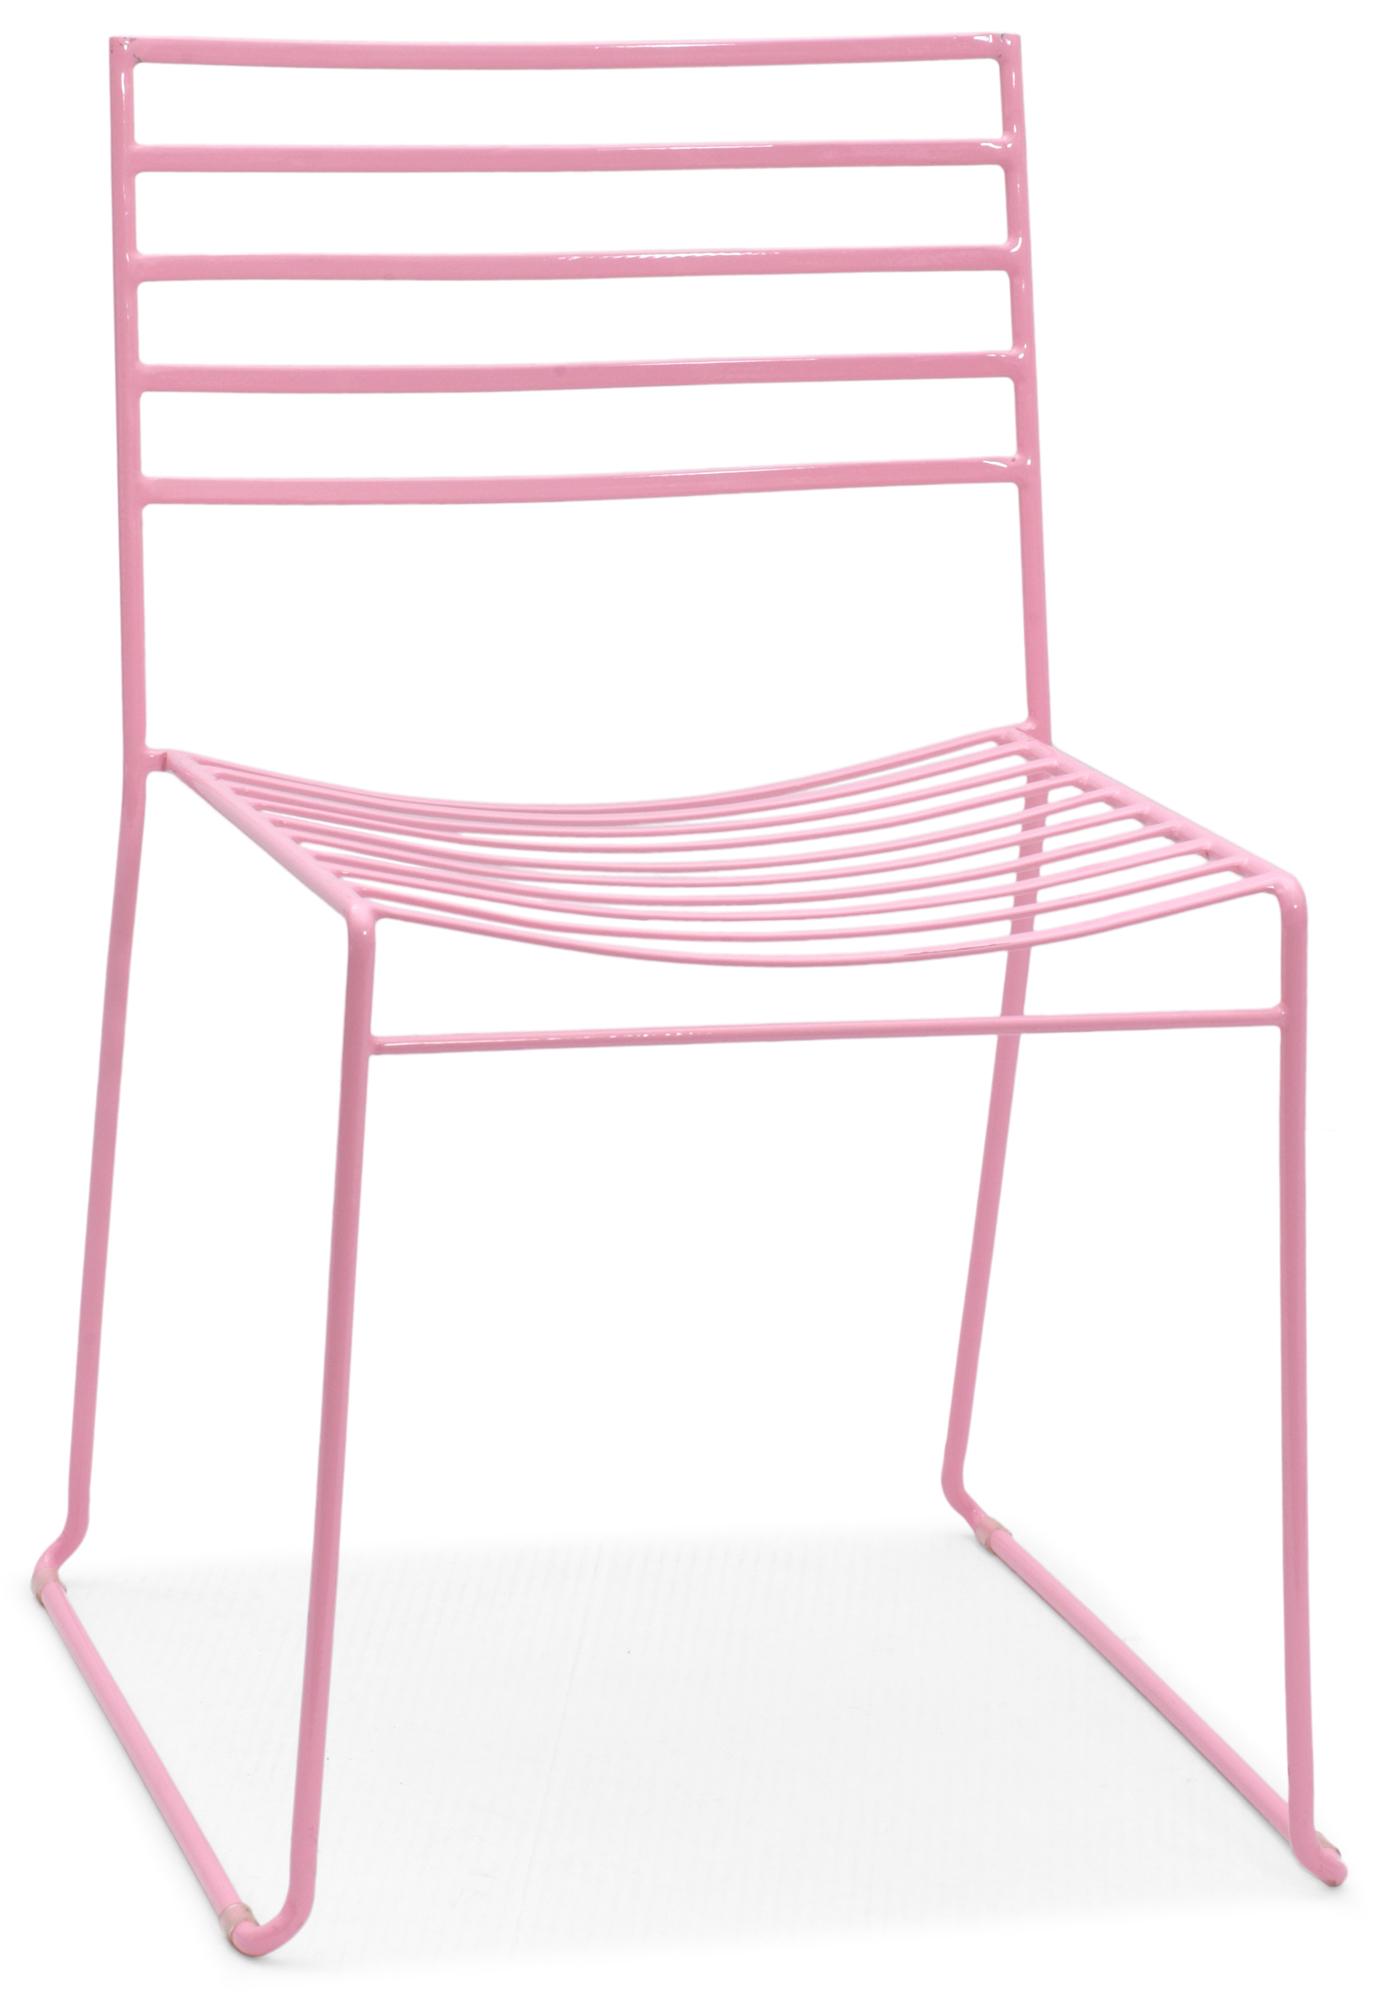 Lövås stapelstol rosa 779 kr Trendrum se